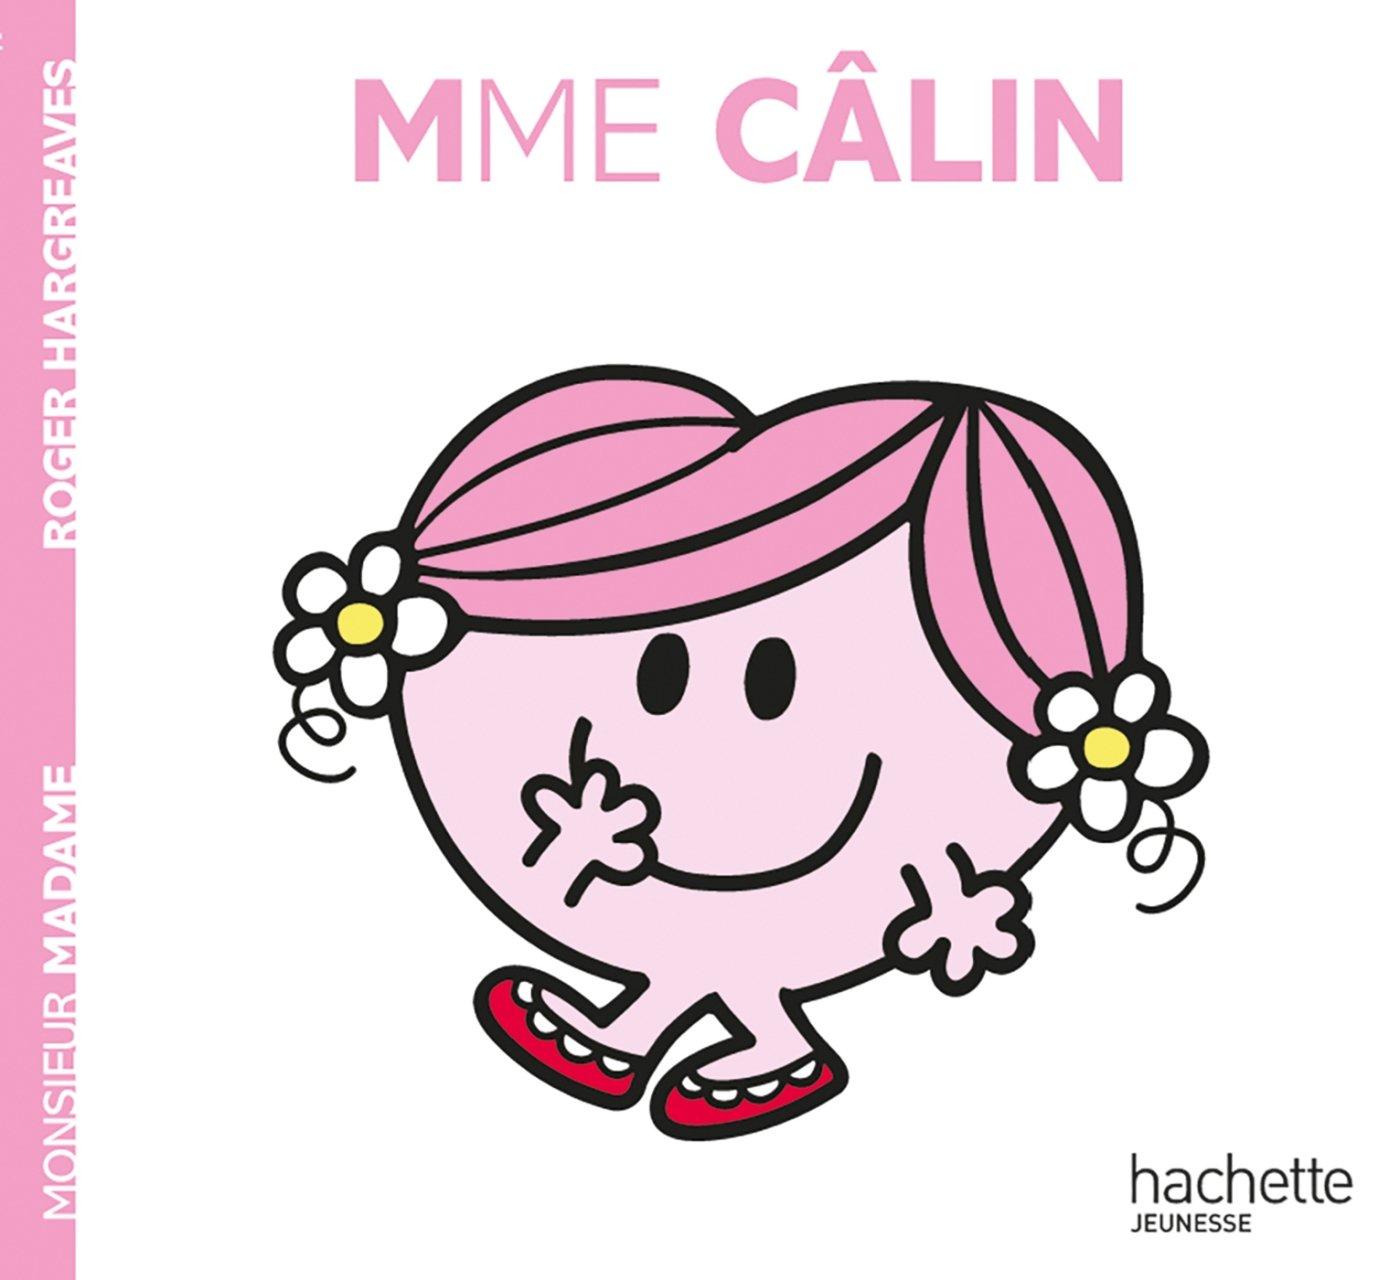 MADAME CALIN